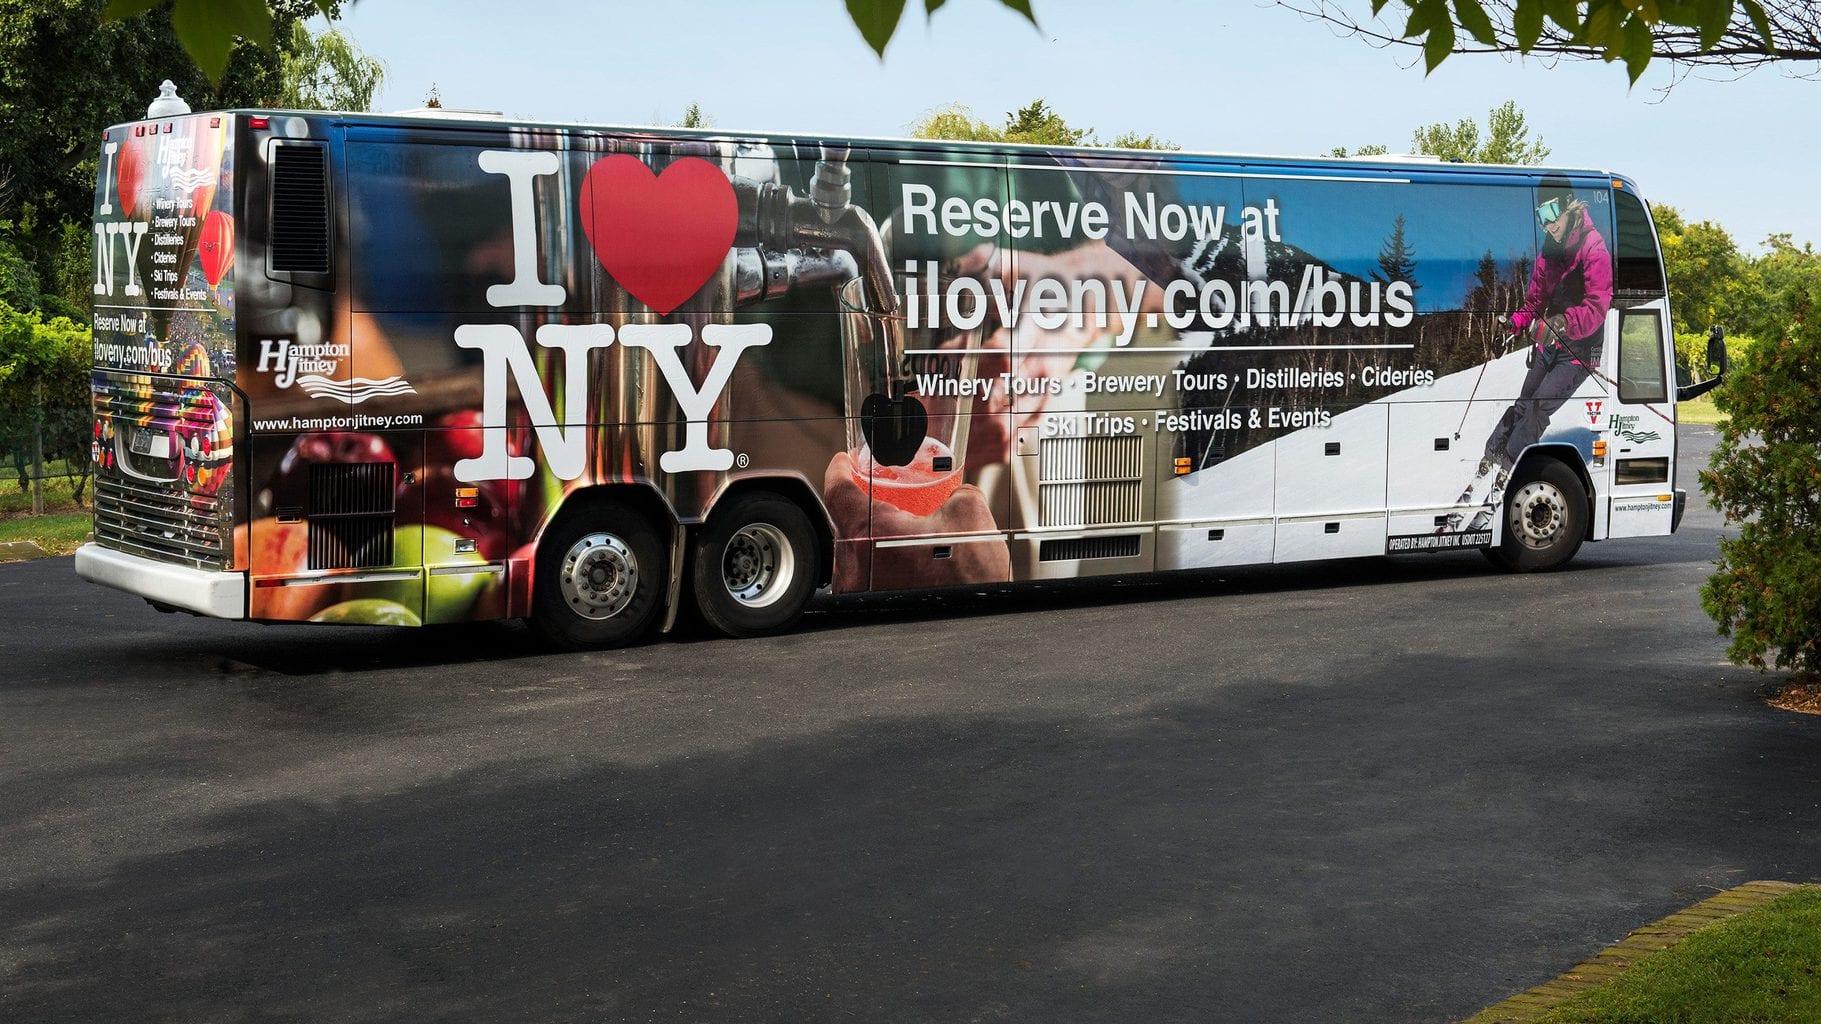 I LOVE NY BUS